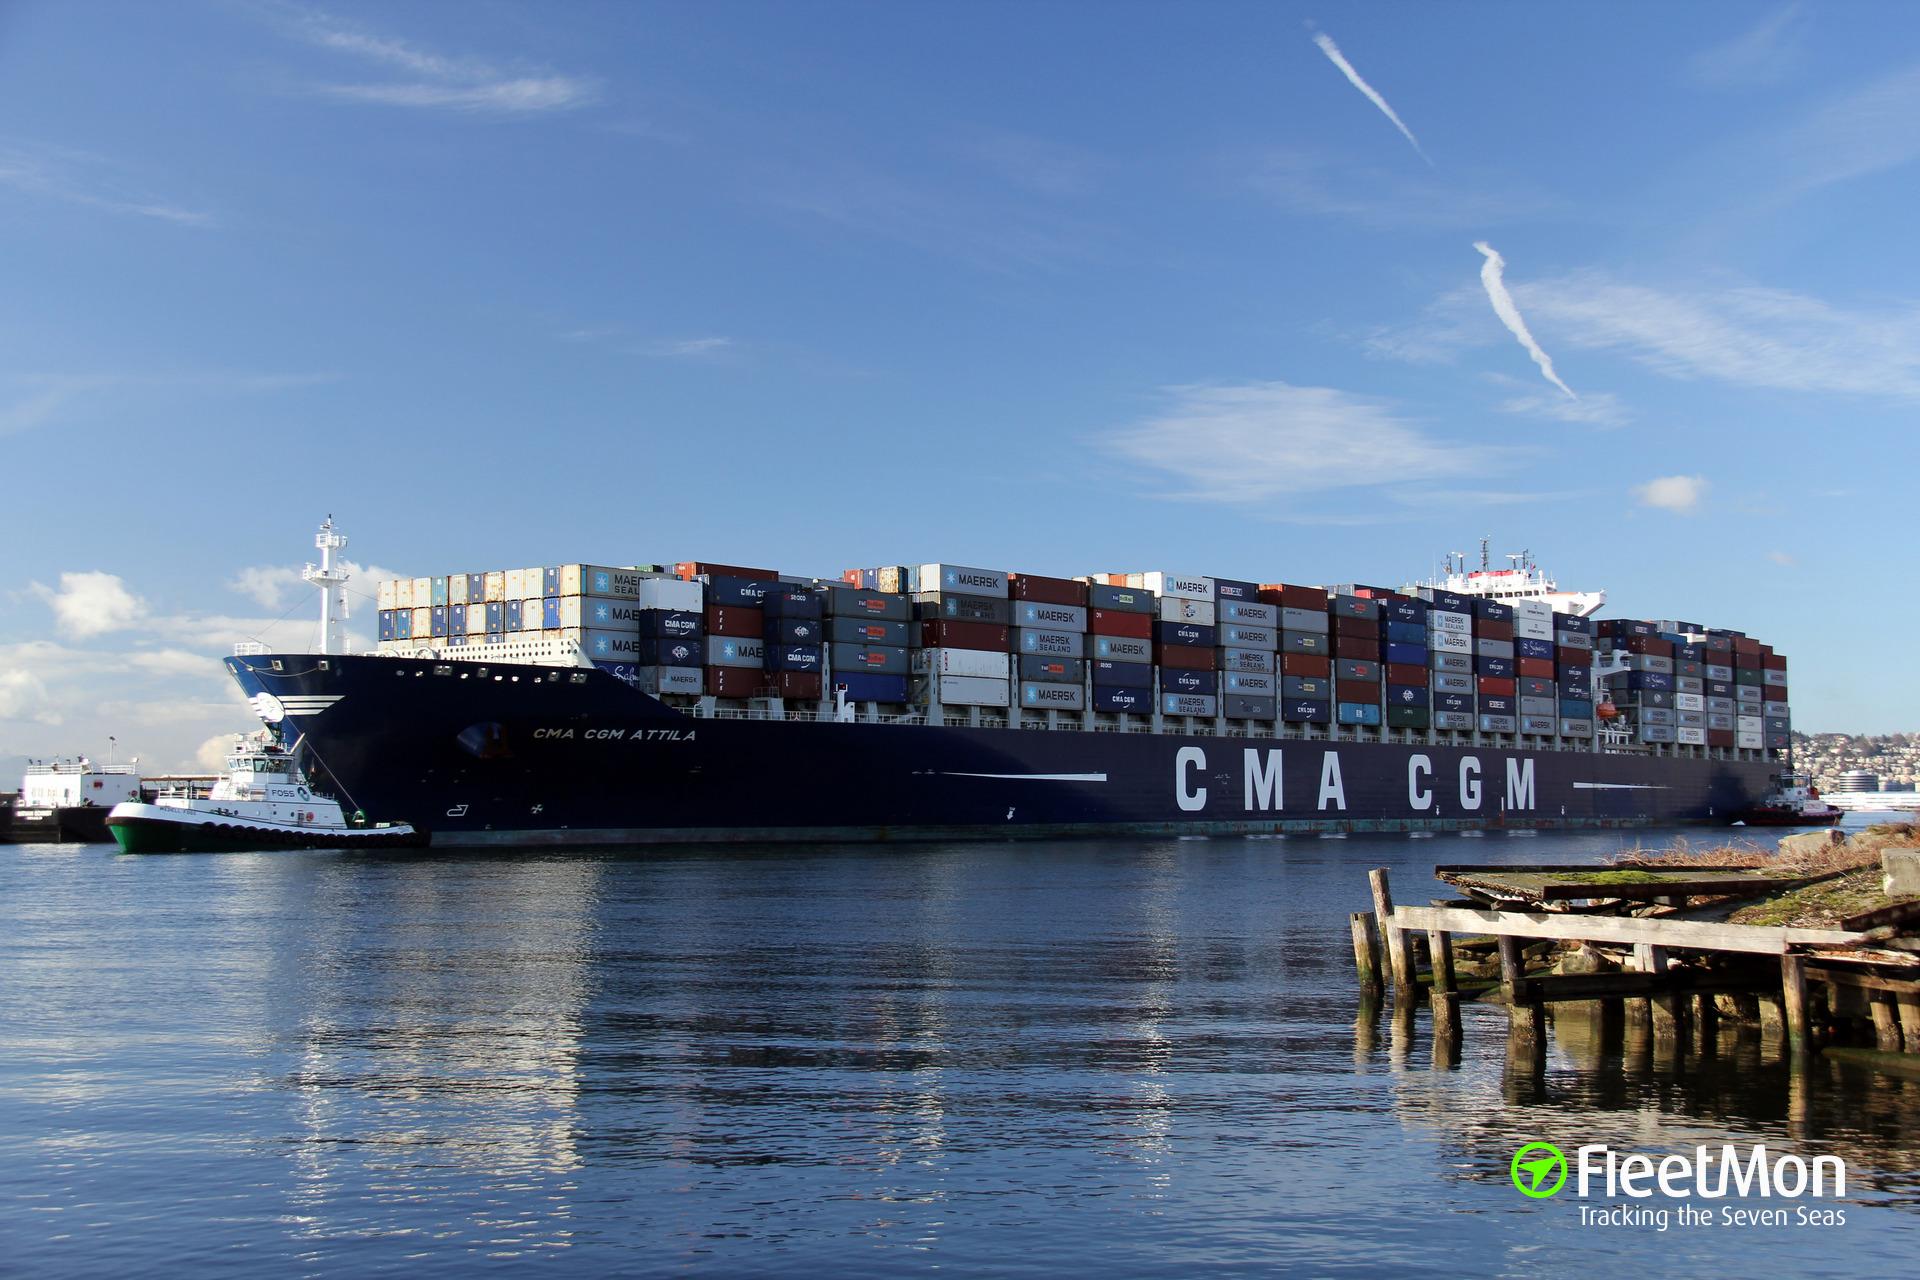 CMA CGM Attila allided with berth, Vancouver